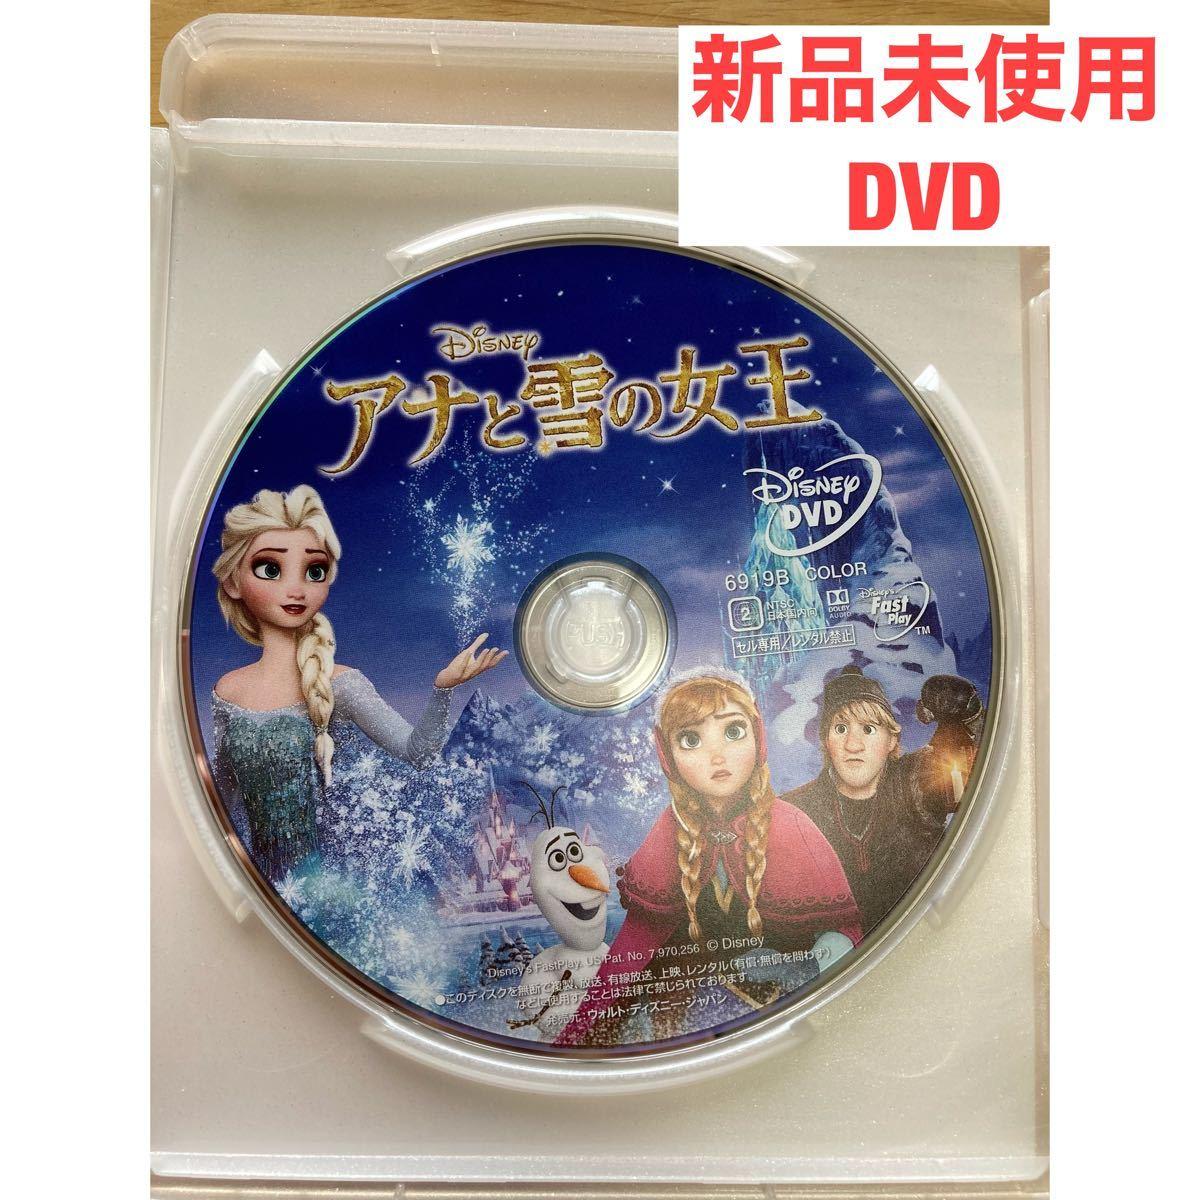 アナと雪の女王 DVD ディズニー アナ雪